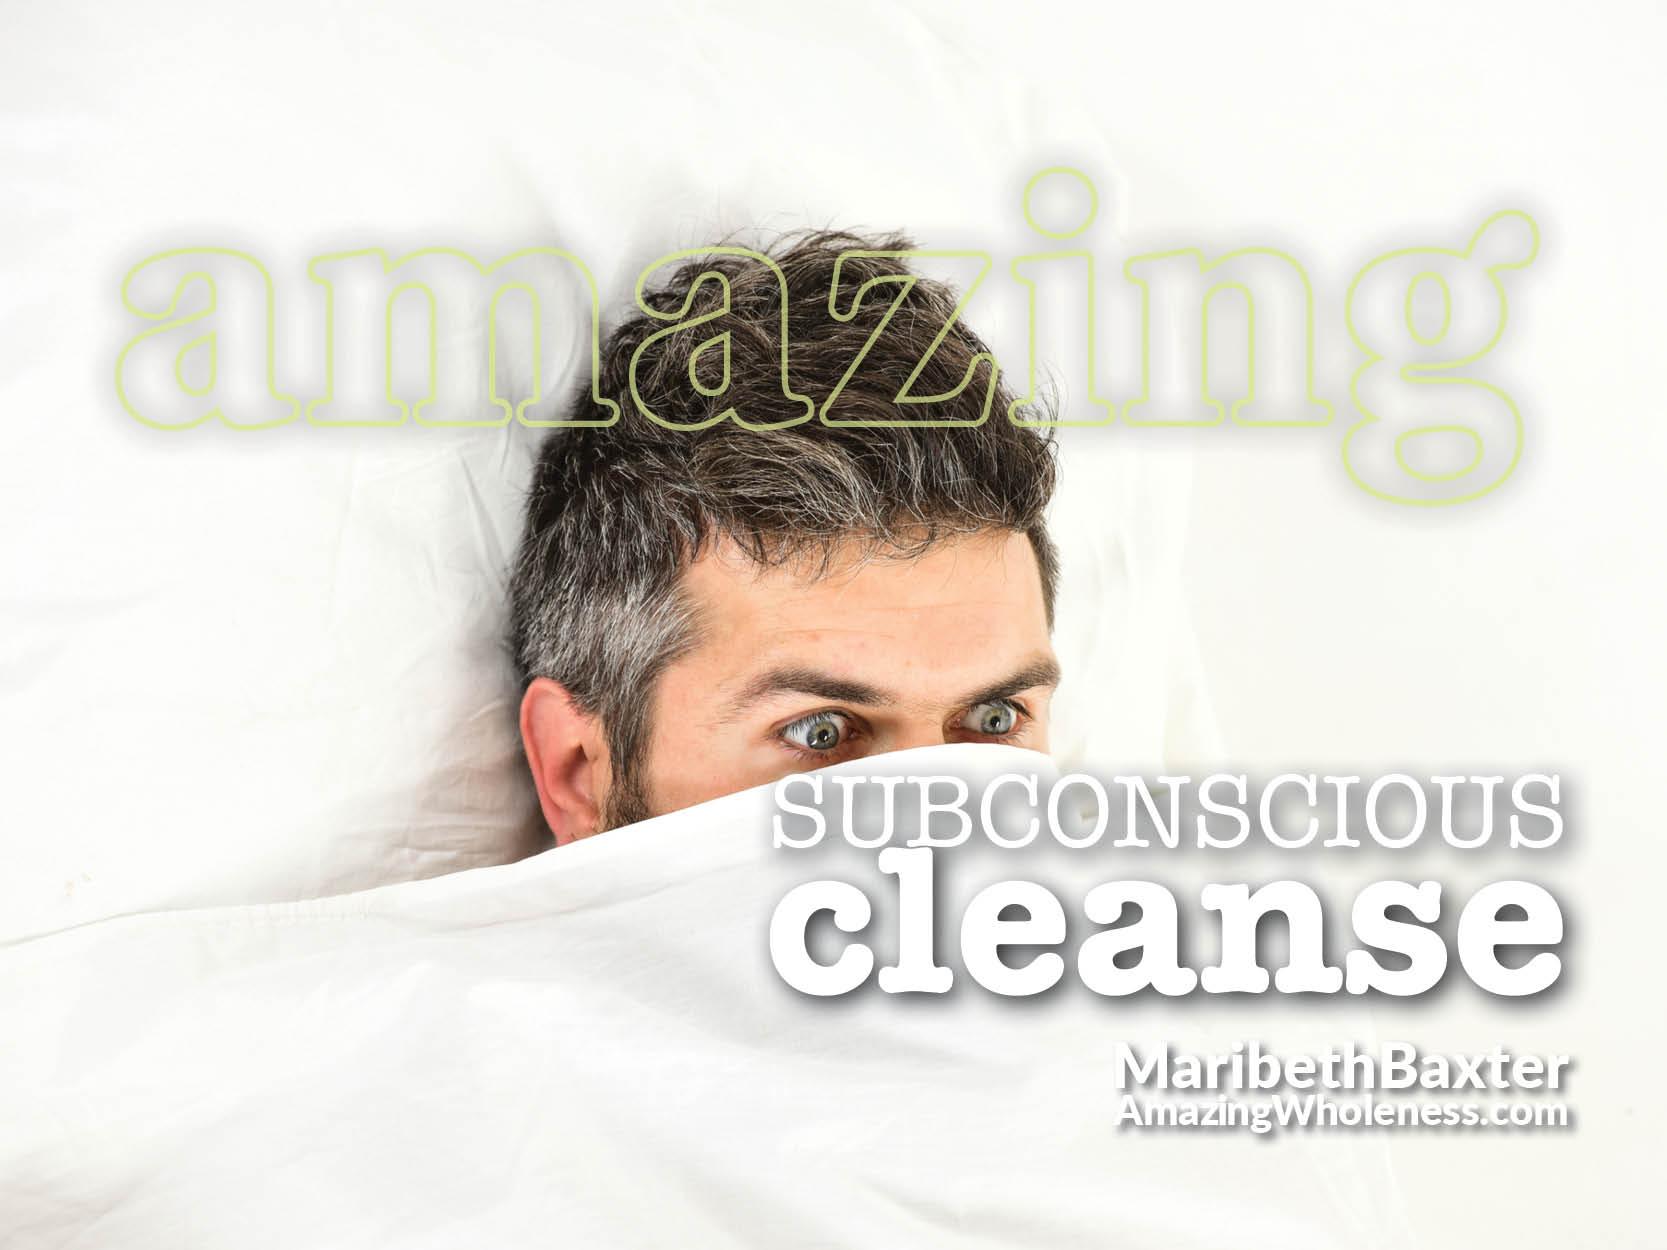 Subconscious cleanse - detox trauma